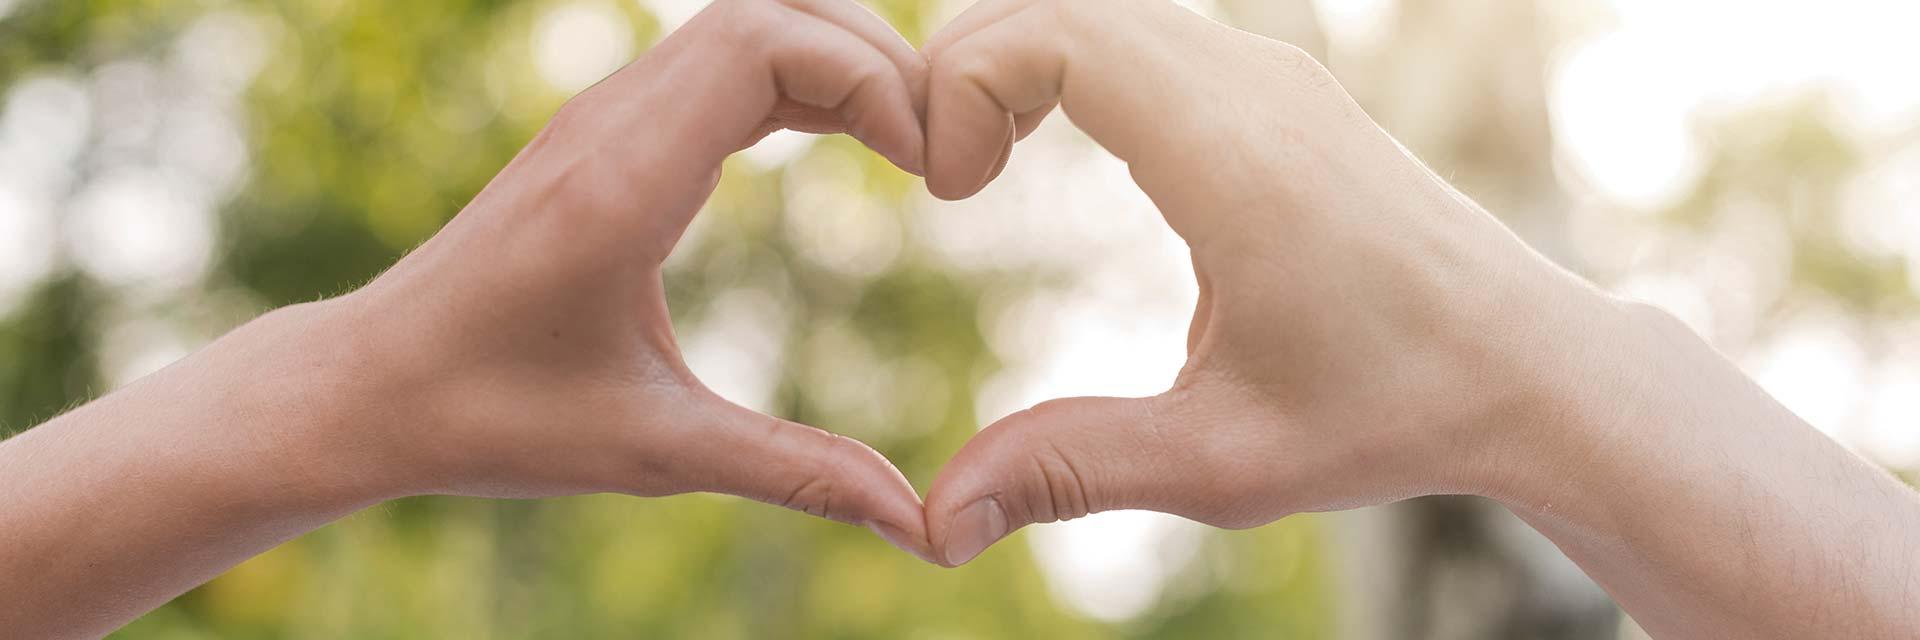 Referenser och citat för business coach Hanna Plymouth illustrerade av två händer som formar ett hjärta